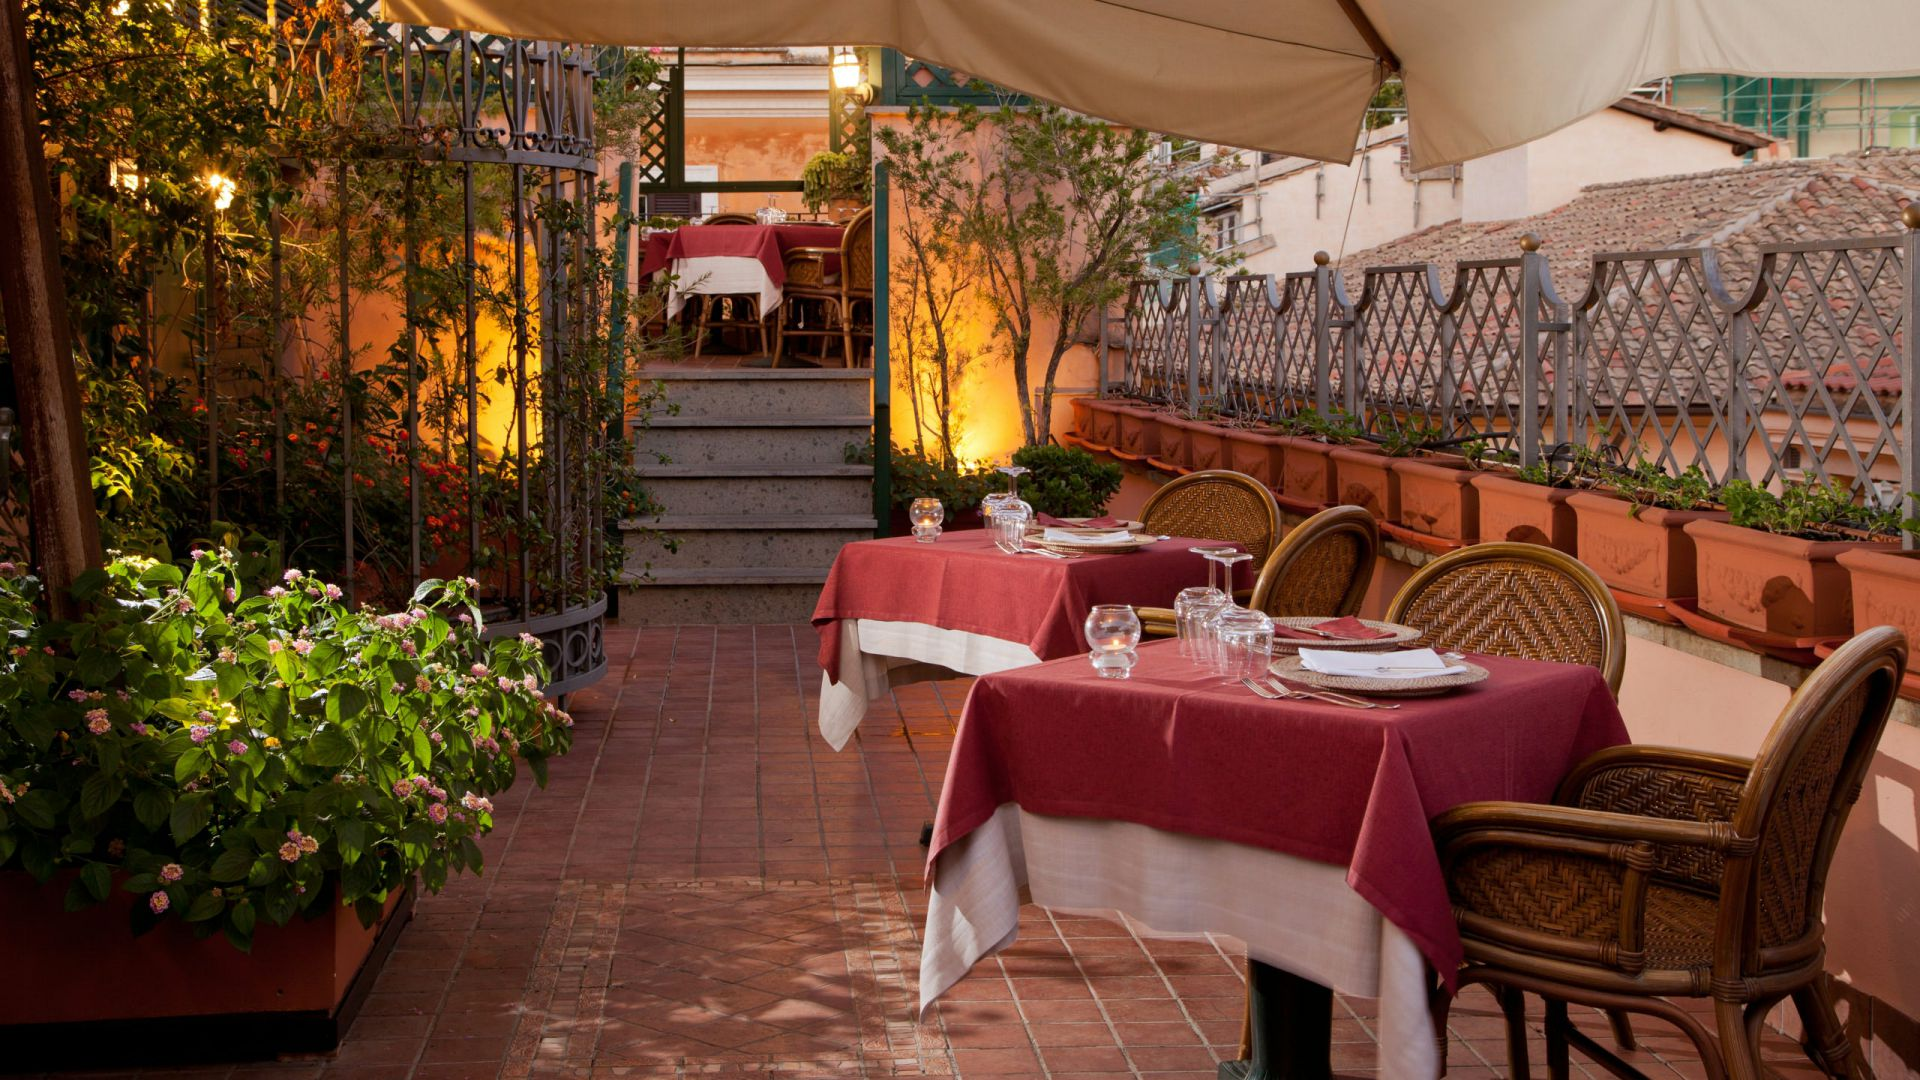 albergo-ottocento-roma-terrazza-02